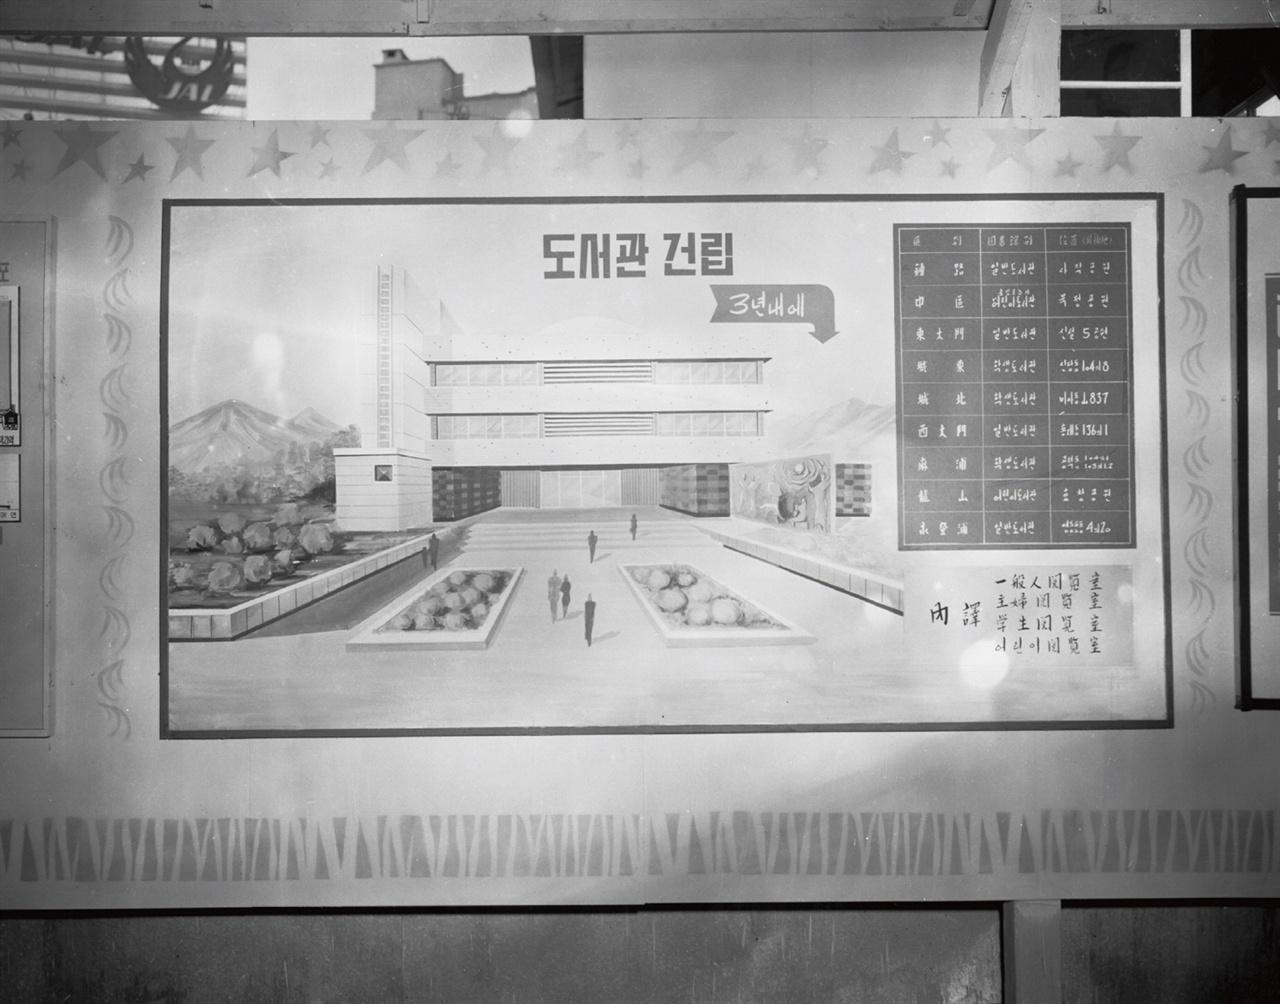 서울시가 서울도시계획전시장에서 공개한 '도서관' 설립 계획 '불도저' 김현옥 시장은 1966년 서울도시계획전시장에서 강북 지역 9개 도서관 건립 계획을 공개한다. 종로구, 동대문구, 서대문구, 영등포구에는 일반 도서관을, 성동구, 성북구, 마포구에는 학생 도서관을, 중구, 용산에는 어린이 도서관을 각 1개관씩 짓는다는 계획이다.